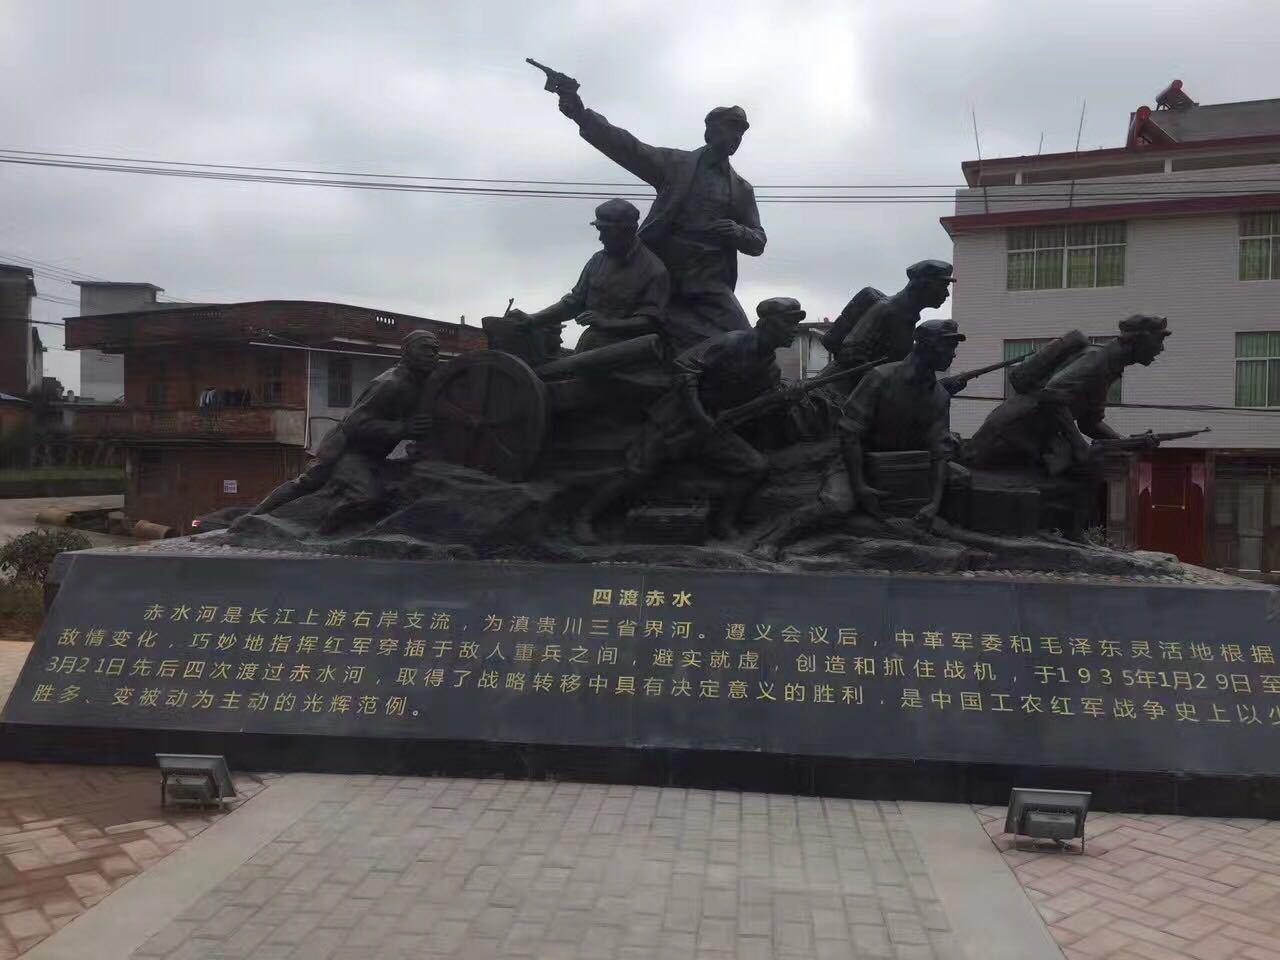 紅軍雕塑玻璃鋼戰爭雕塑7